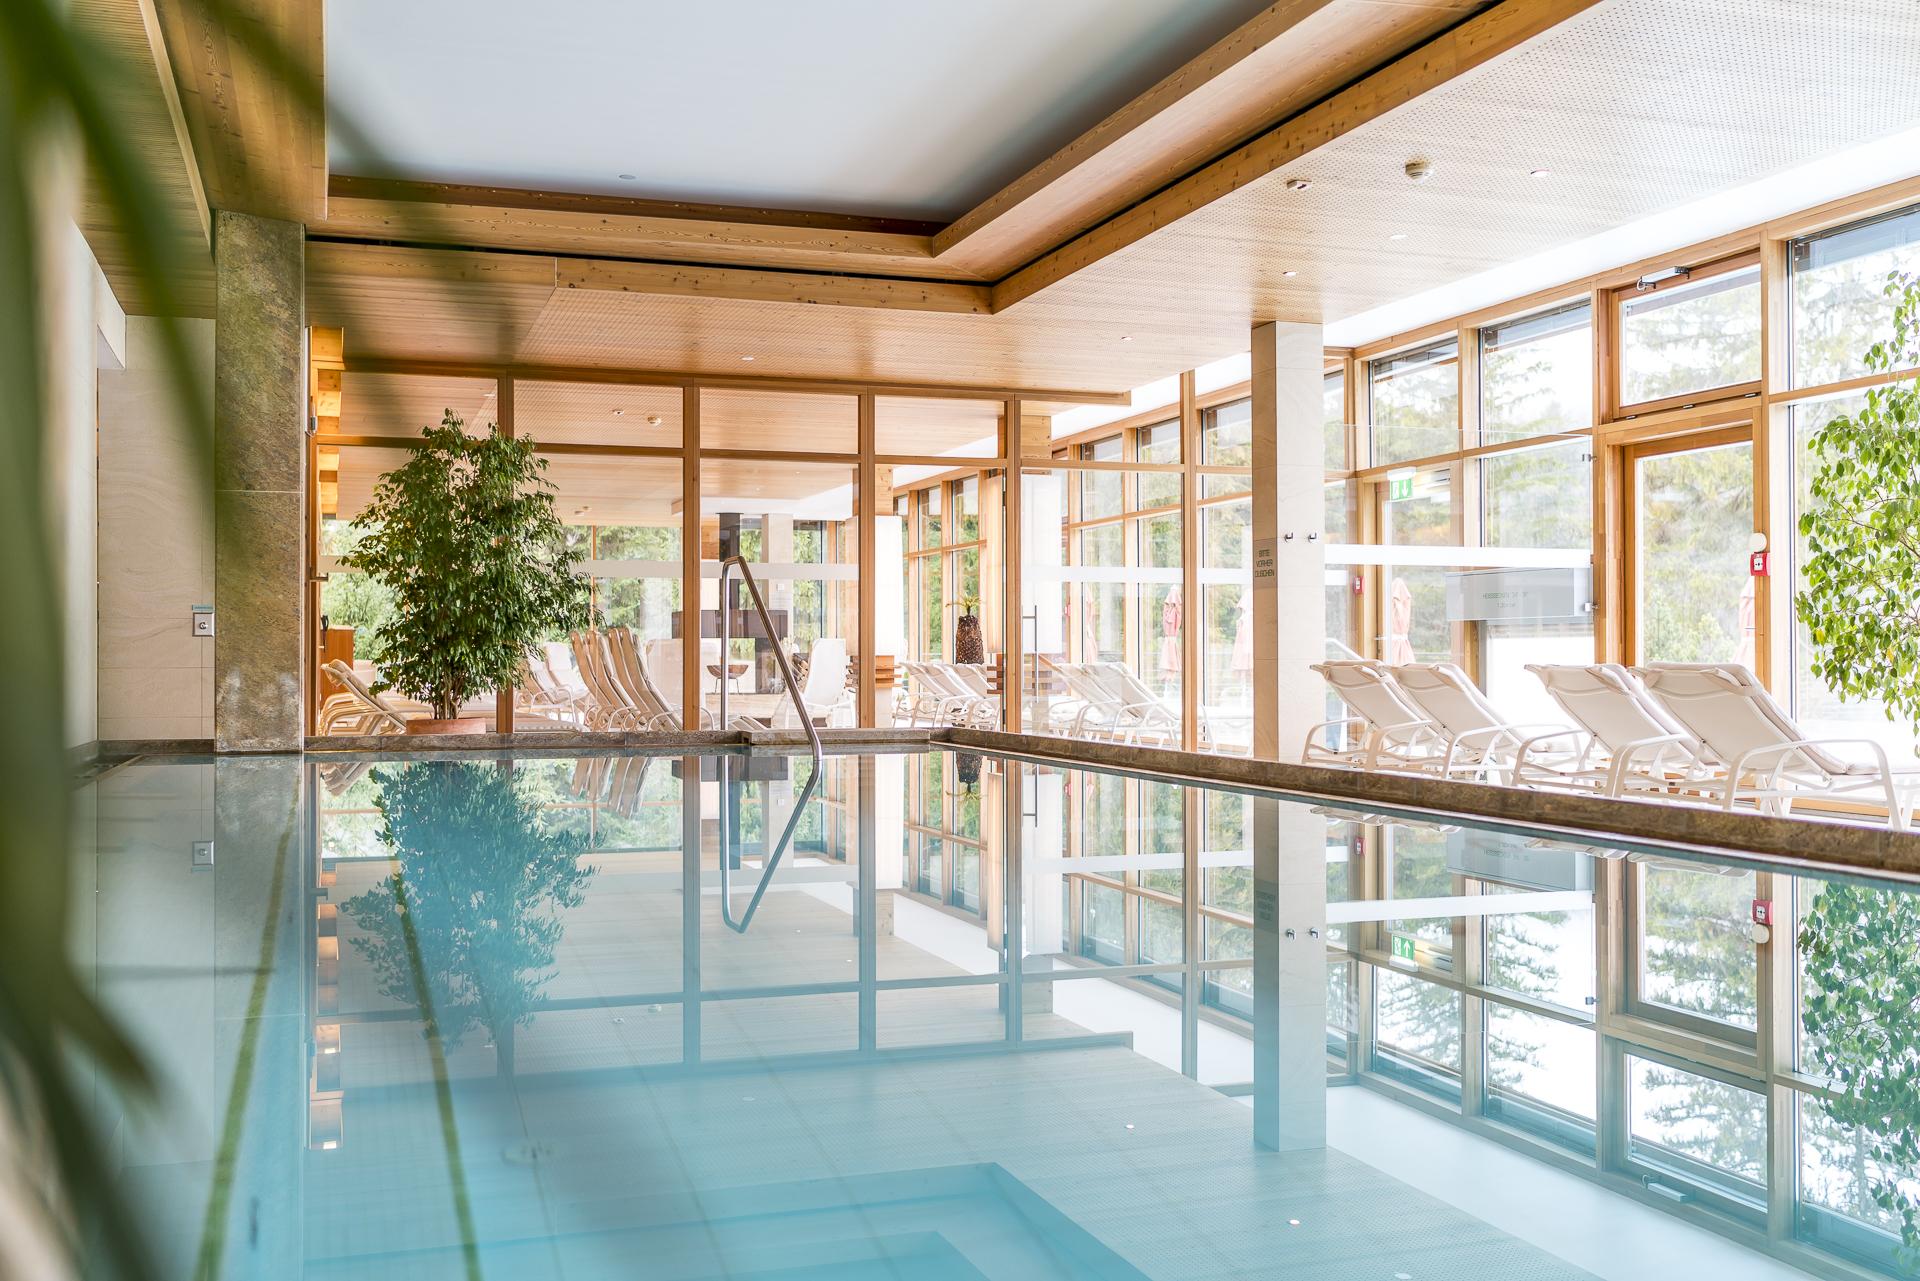 Das Kranzbach Indoorpool